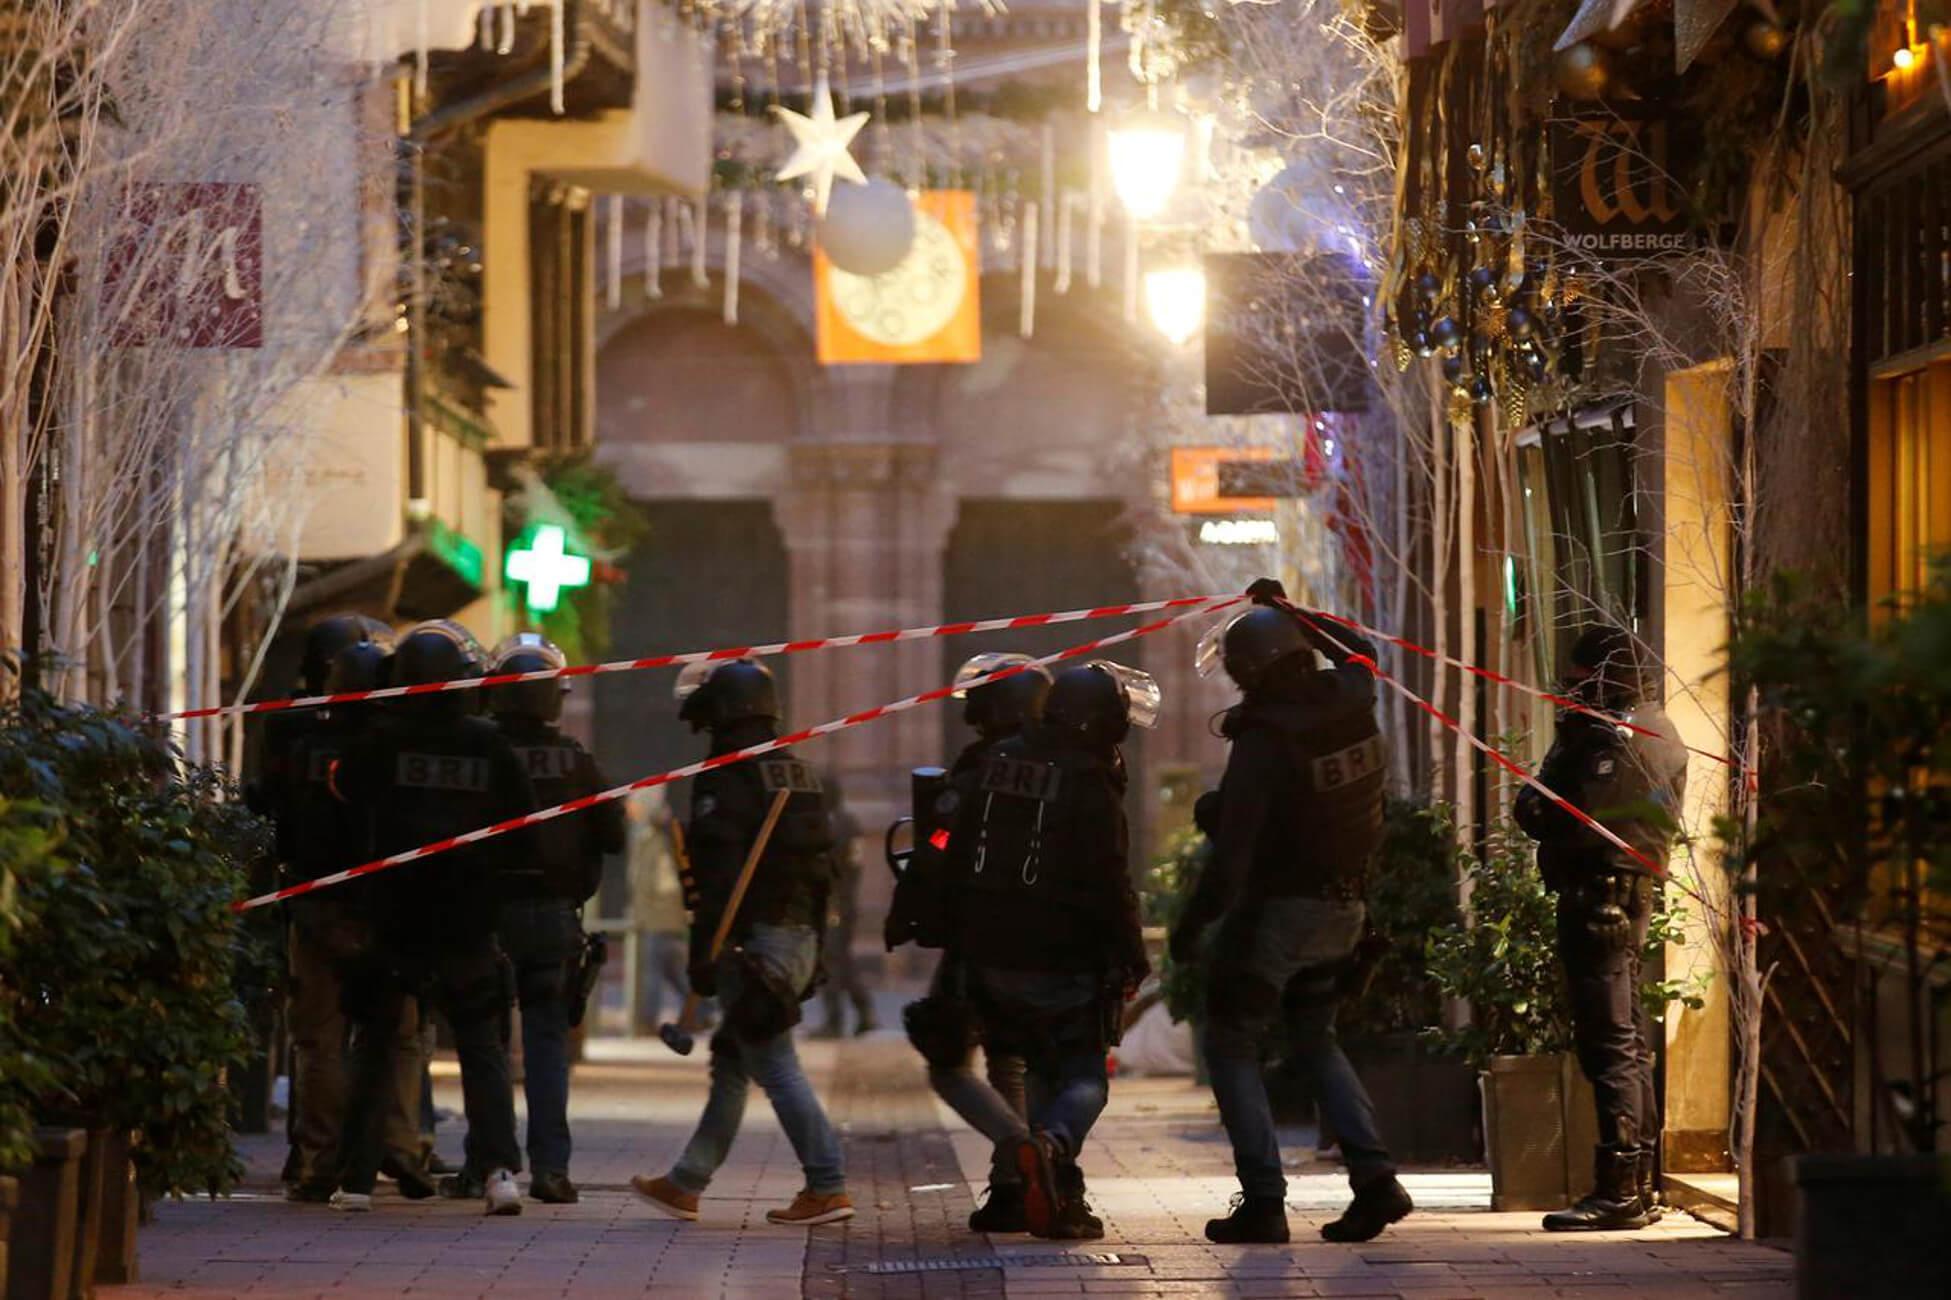 Στρασβούργο: Πέντε συλλήψεις για την Χριστουγεννιάτικη πολύνεκρη επίθεση